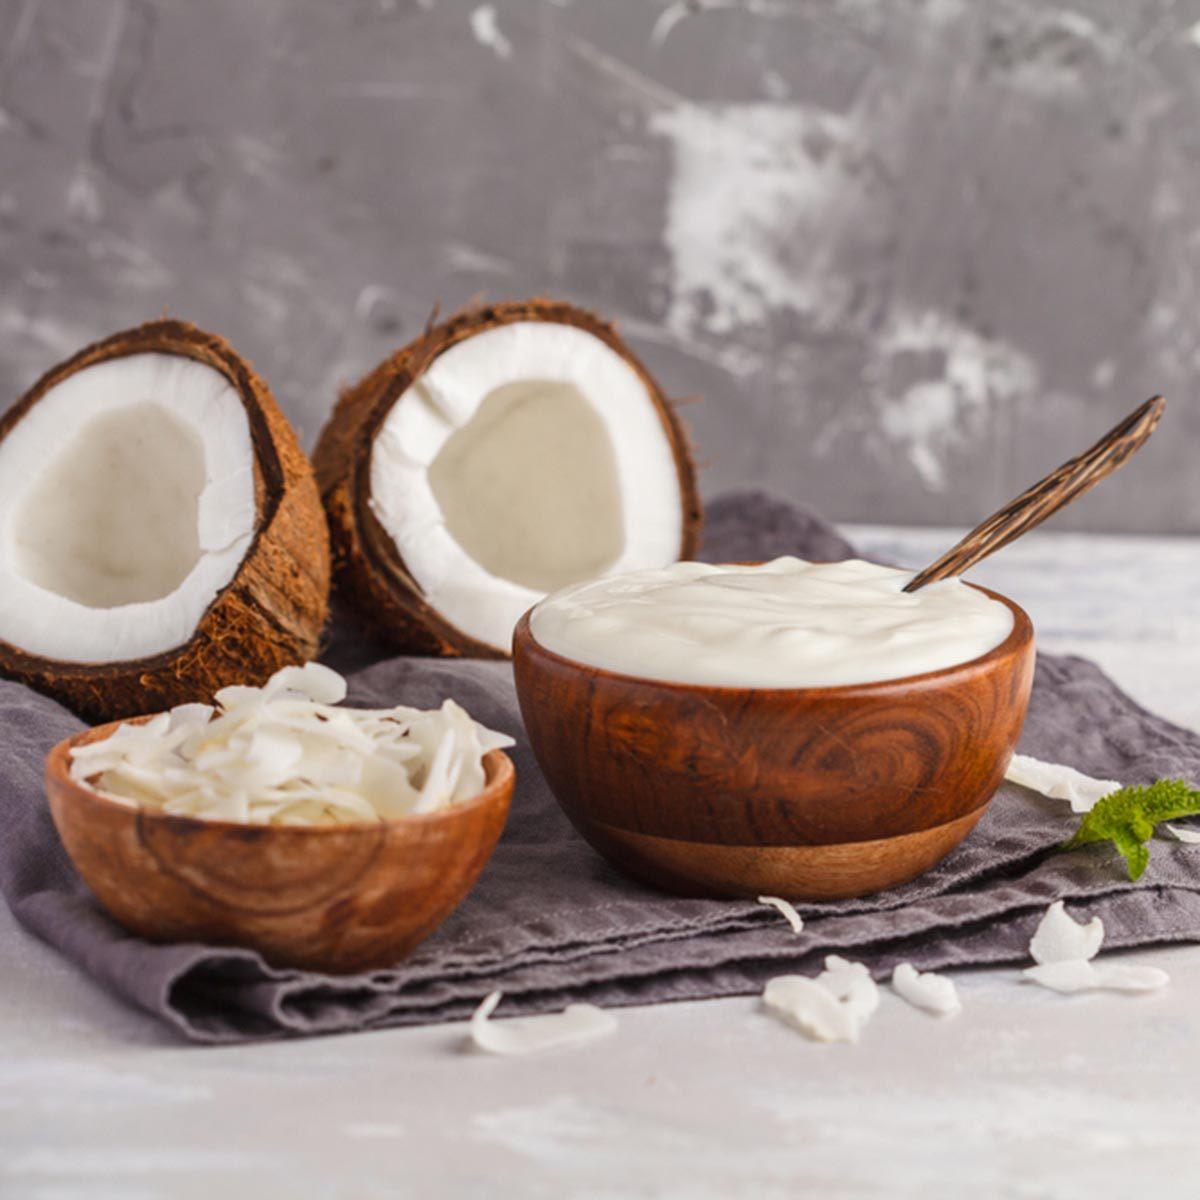 Recette de yogourt et de flocons de noix de coco.